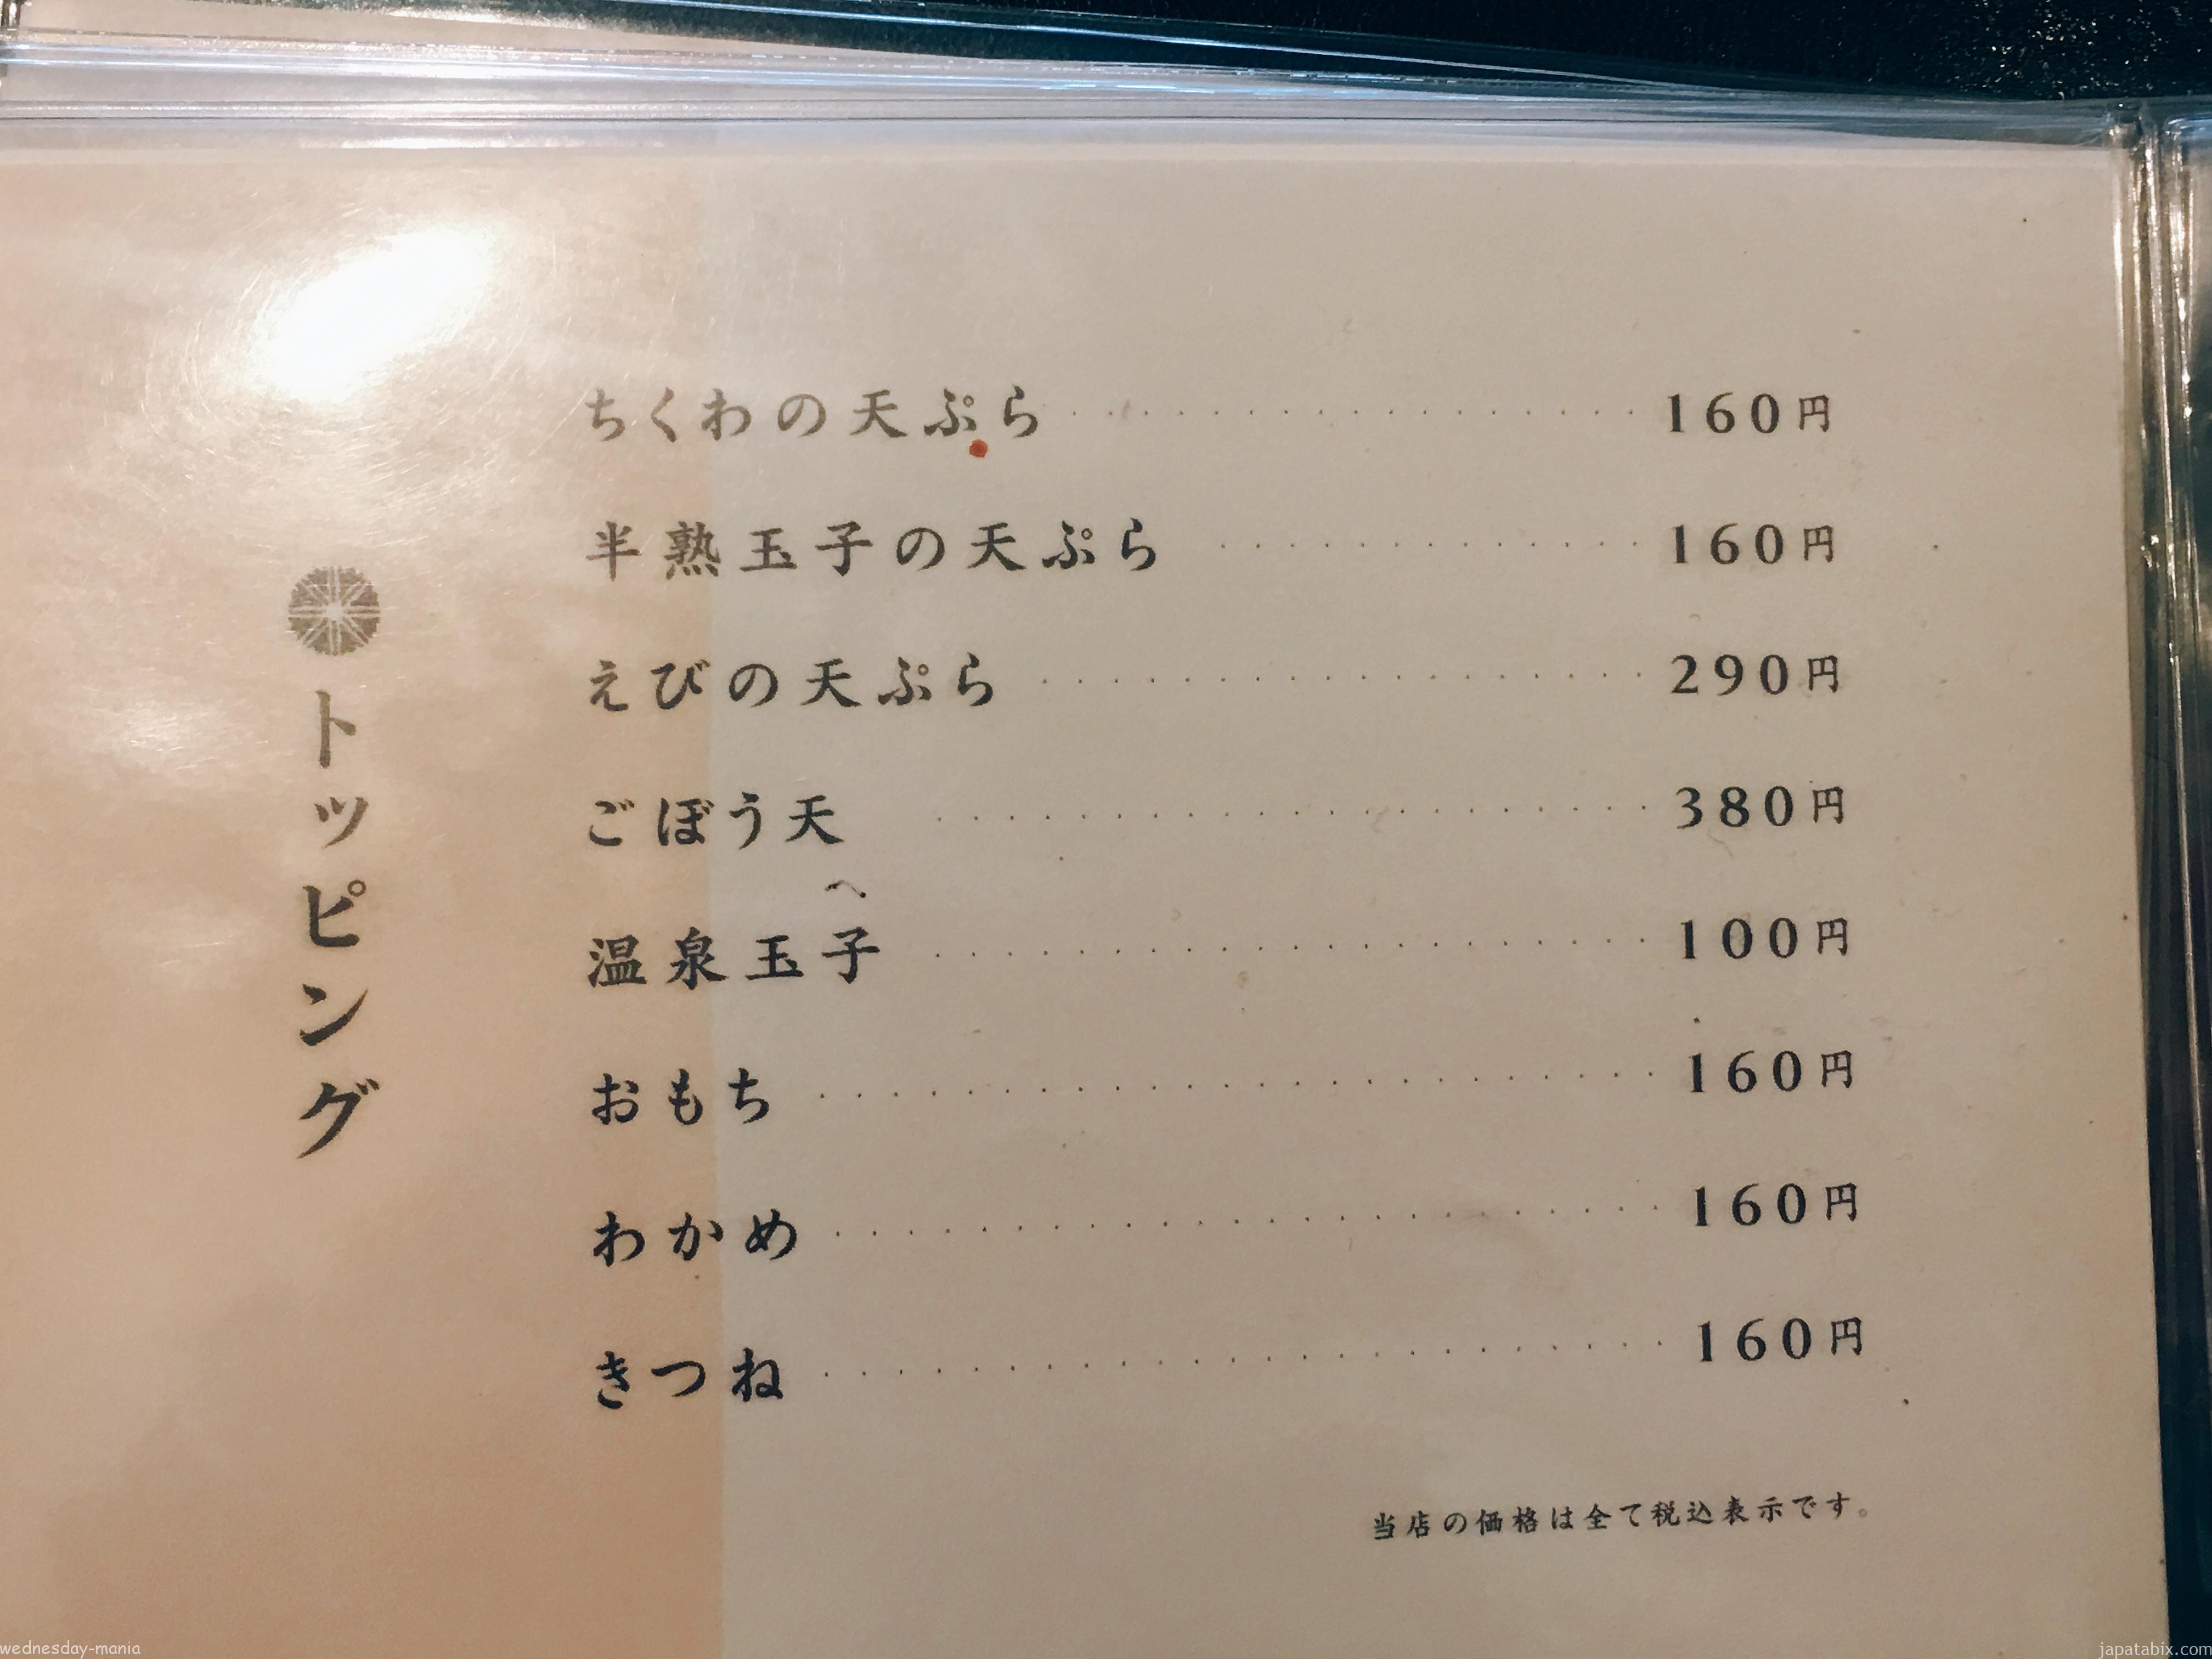 おにぎりあたためますか 札幌アワード 手打ちうどん 寺屋